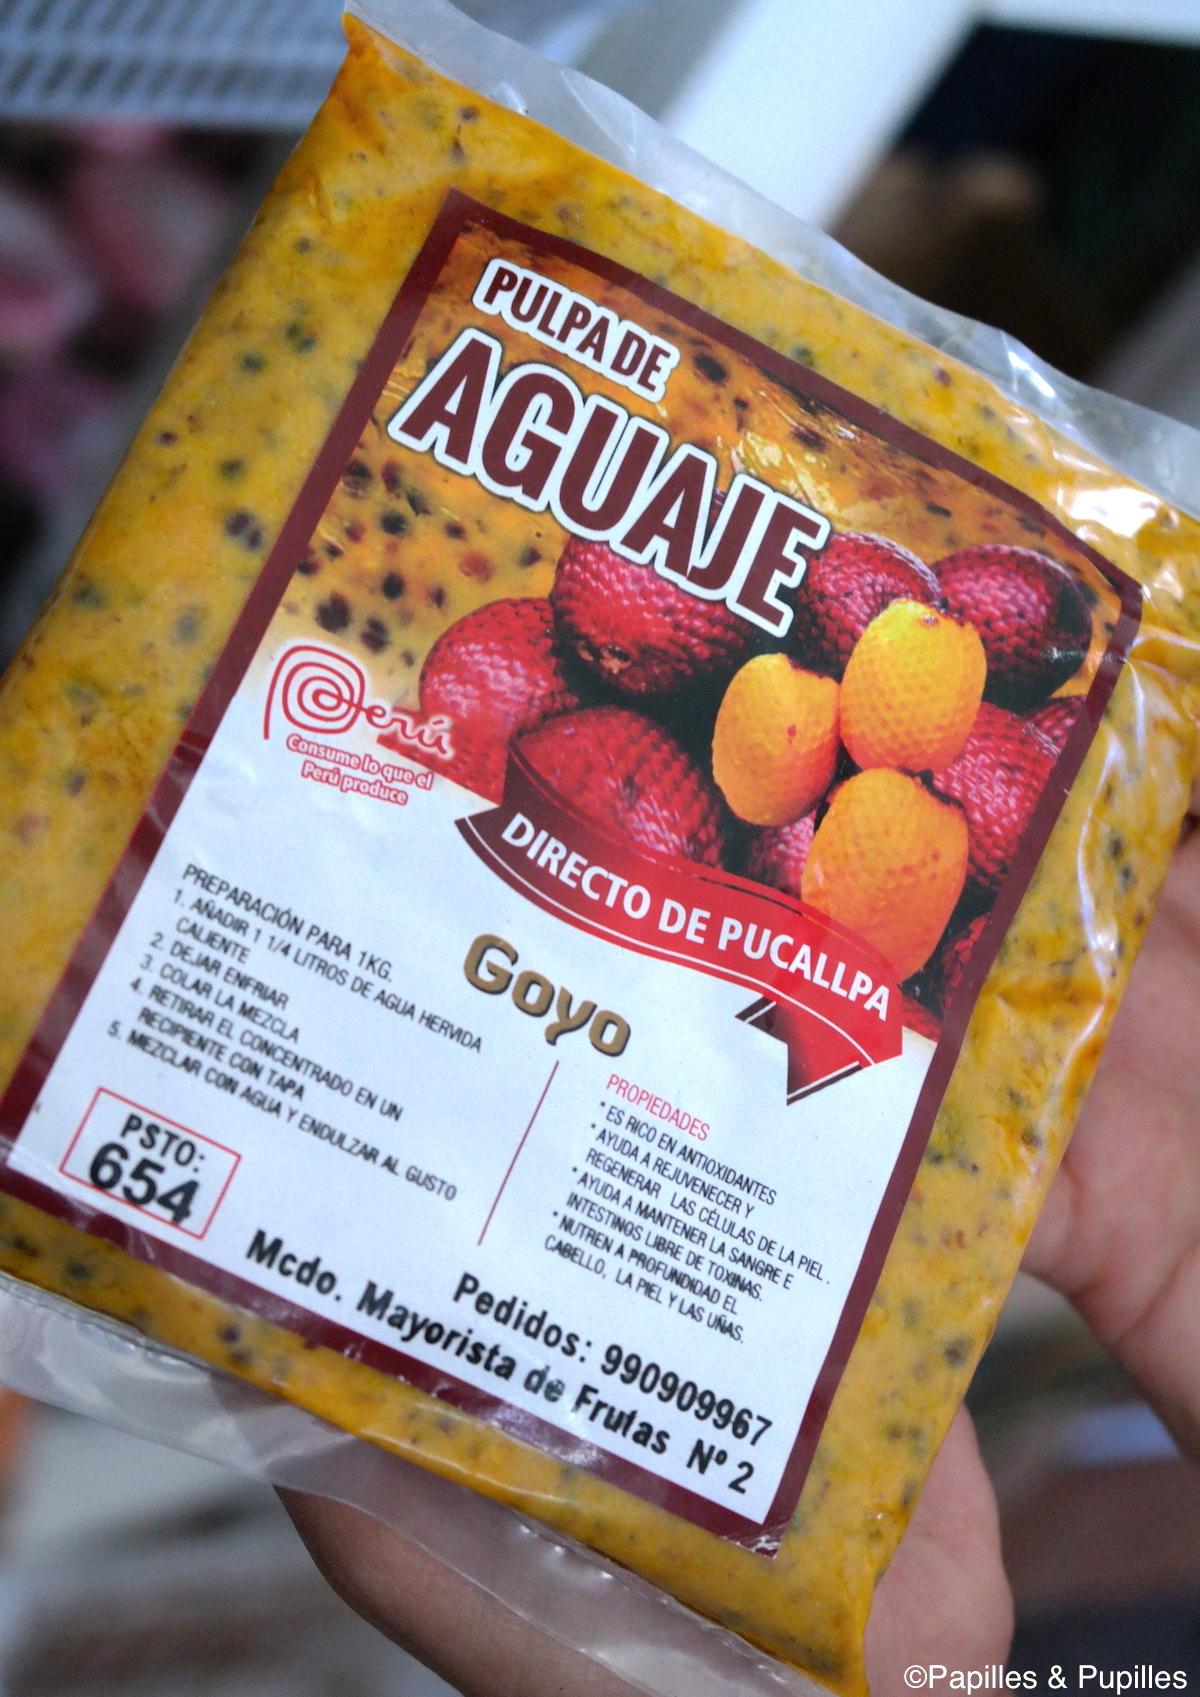 Pulpe d'Aguaje